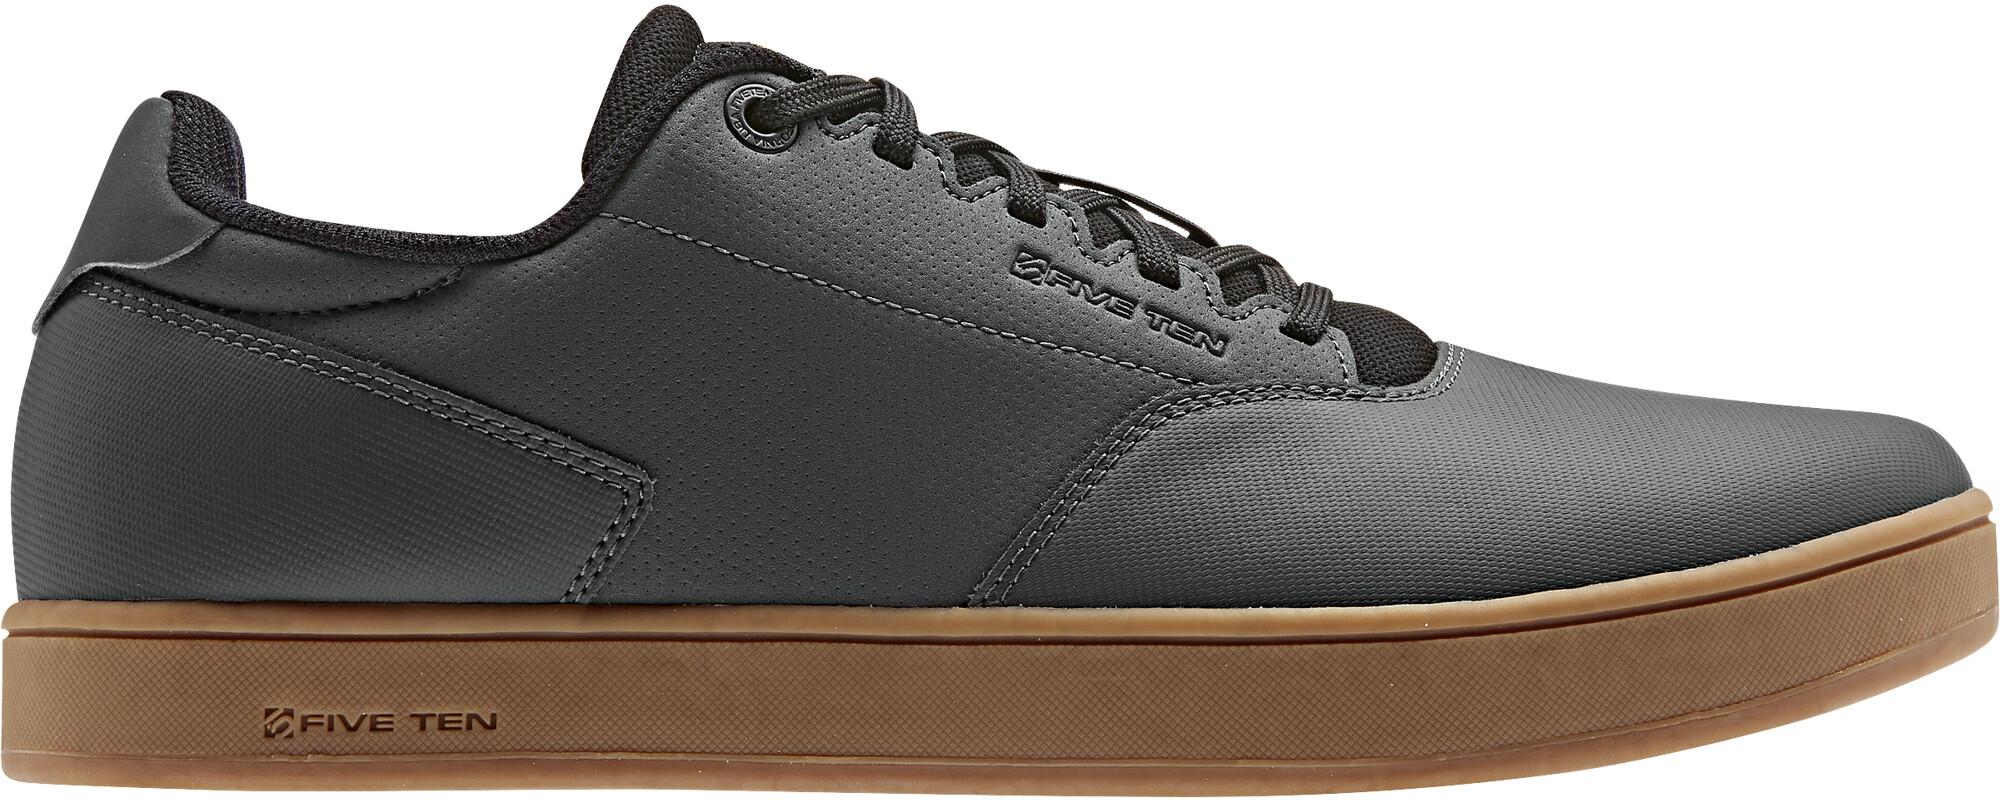 def3915b24f adidas Five Ten 5.10 District Clips Shoes Men legend ivy/legend ivy/goldmt